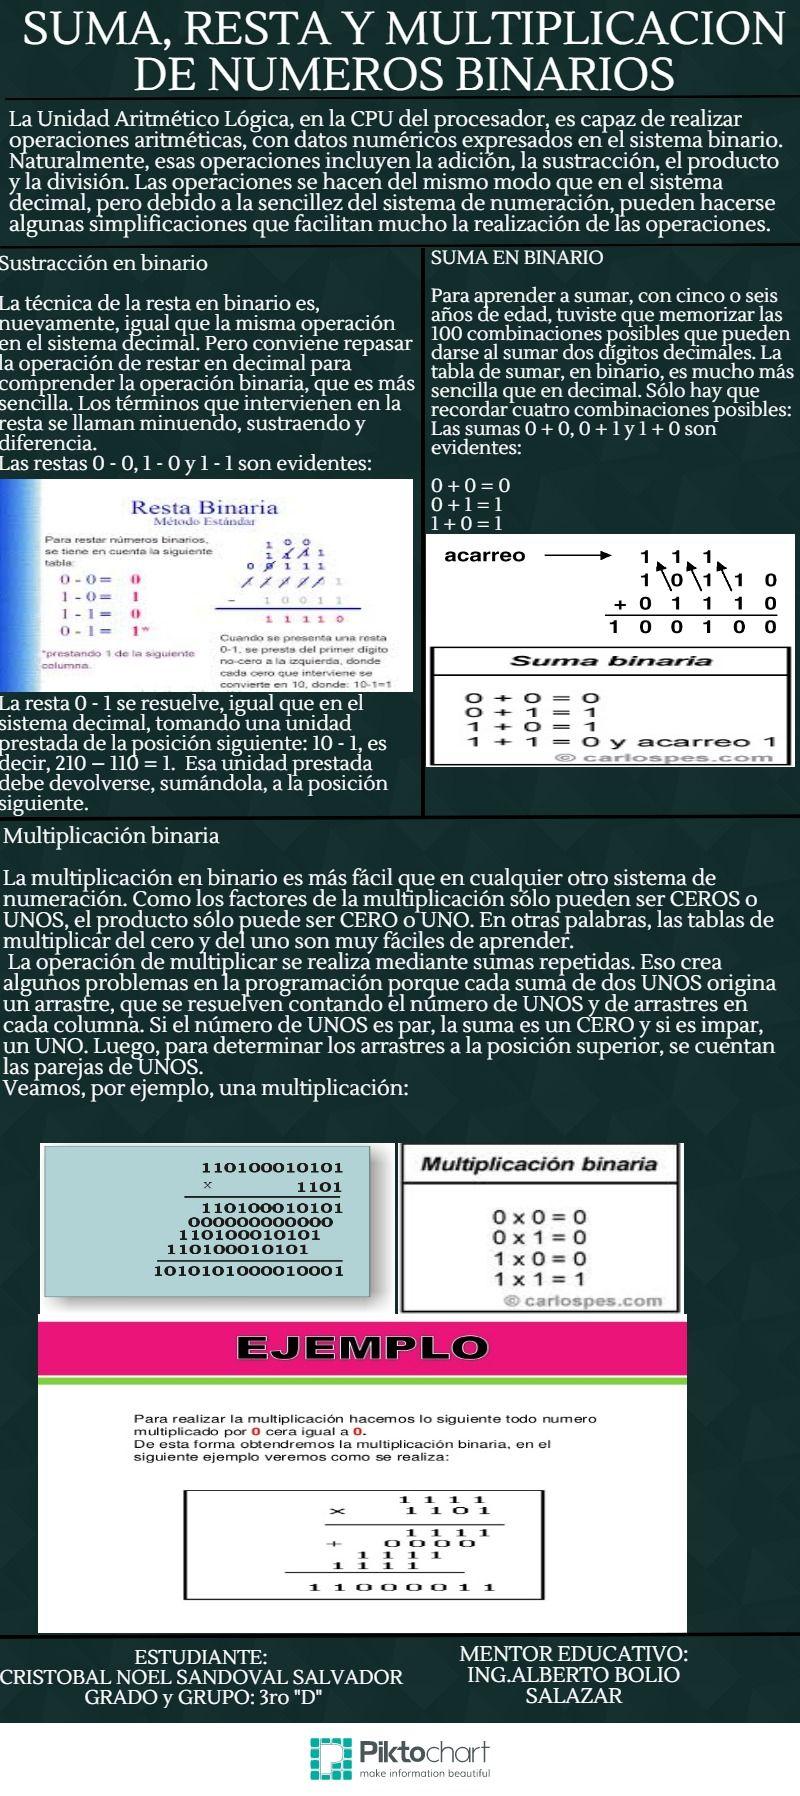 14 Ideas De Binarios De Ontivero Binario Tabla De Números Código Alfabeto